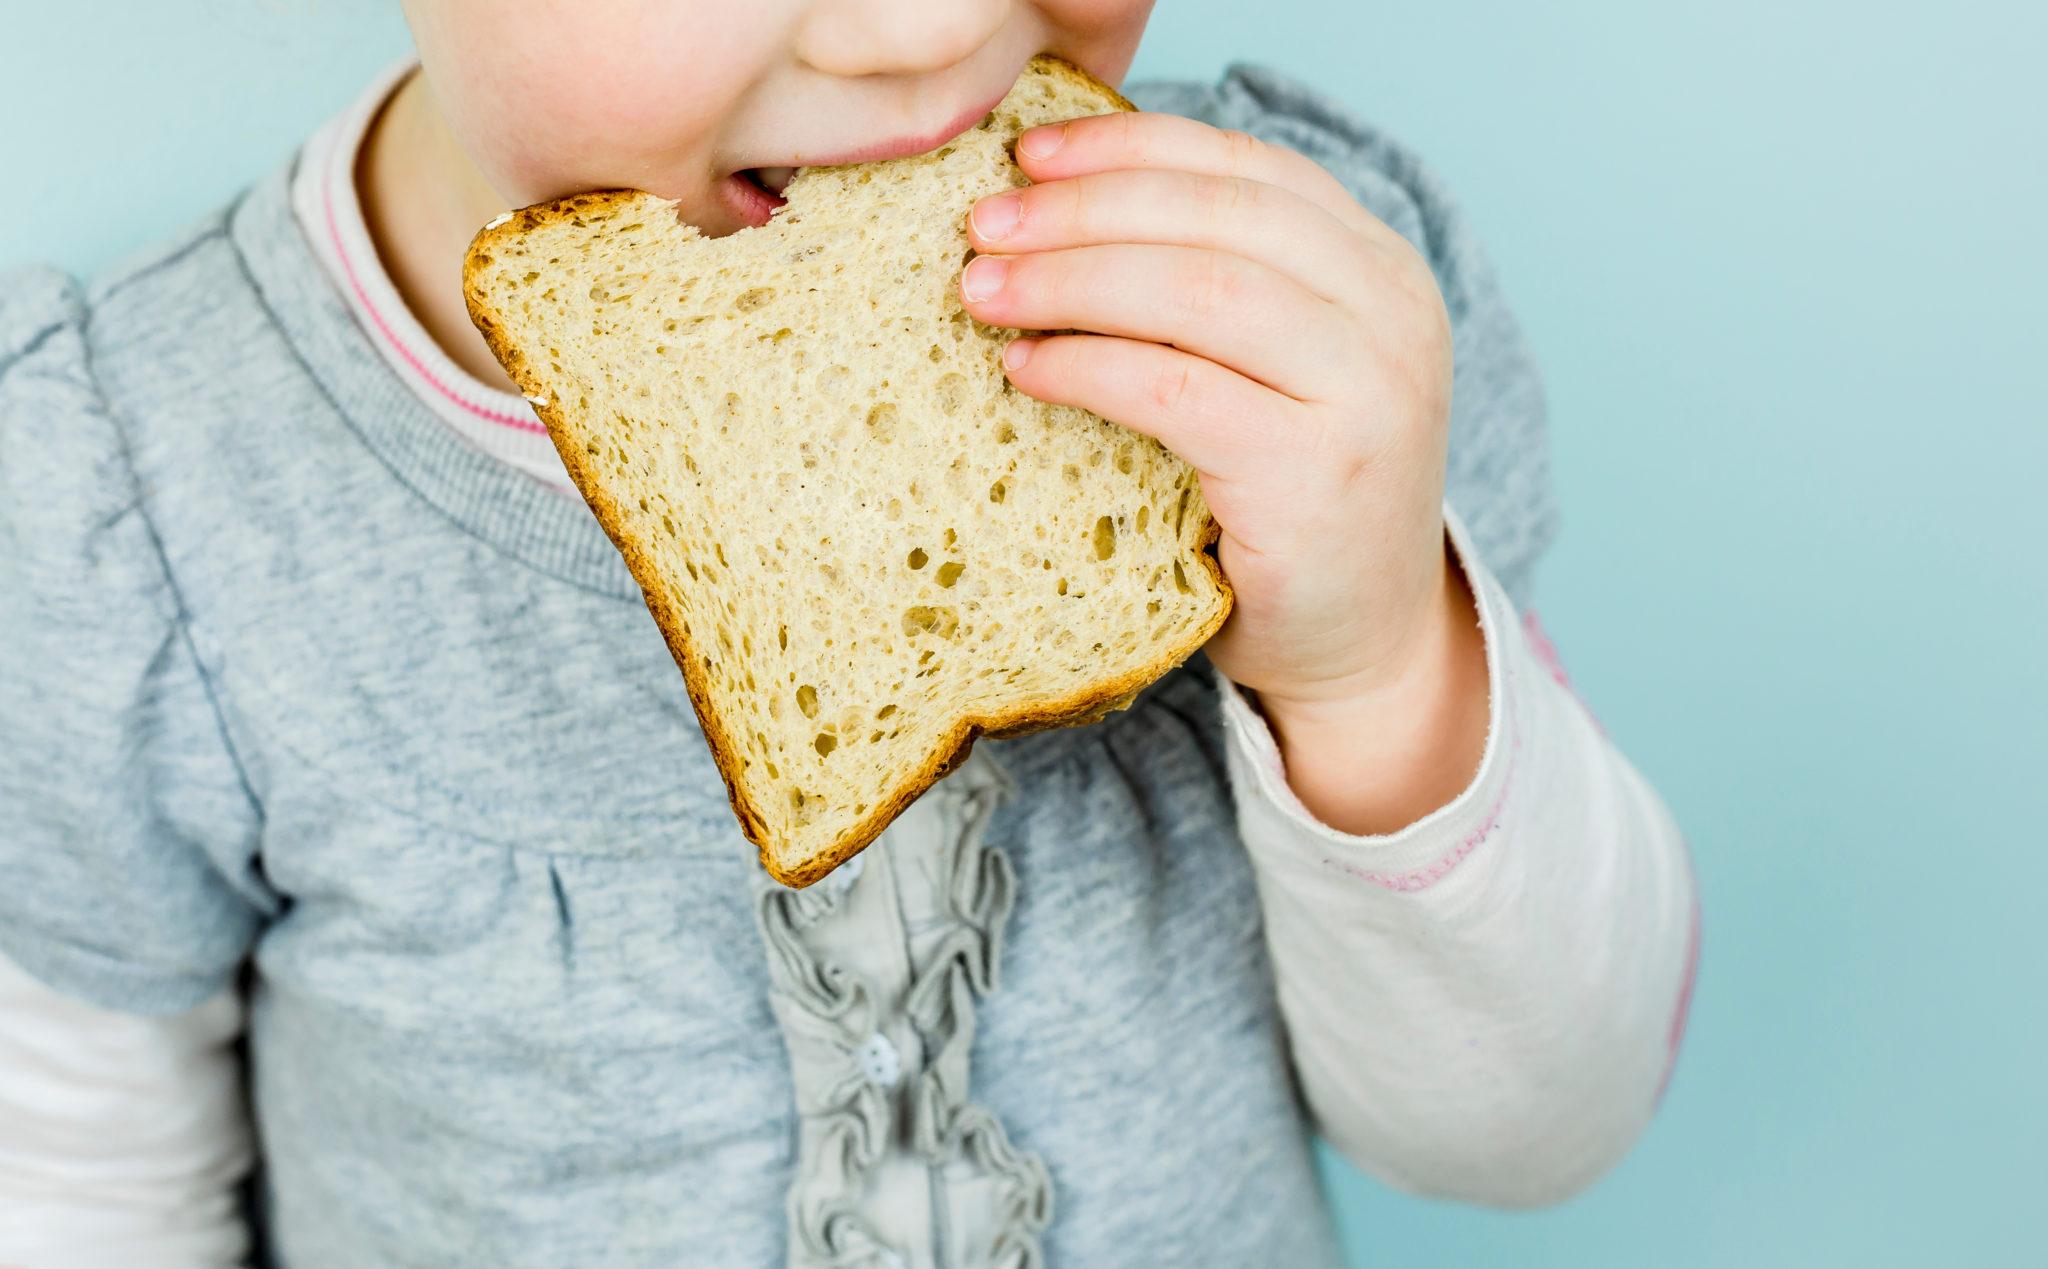 10 Reasons Schools Should Ban Junk Food